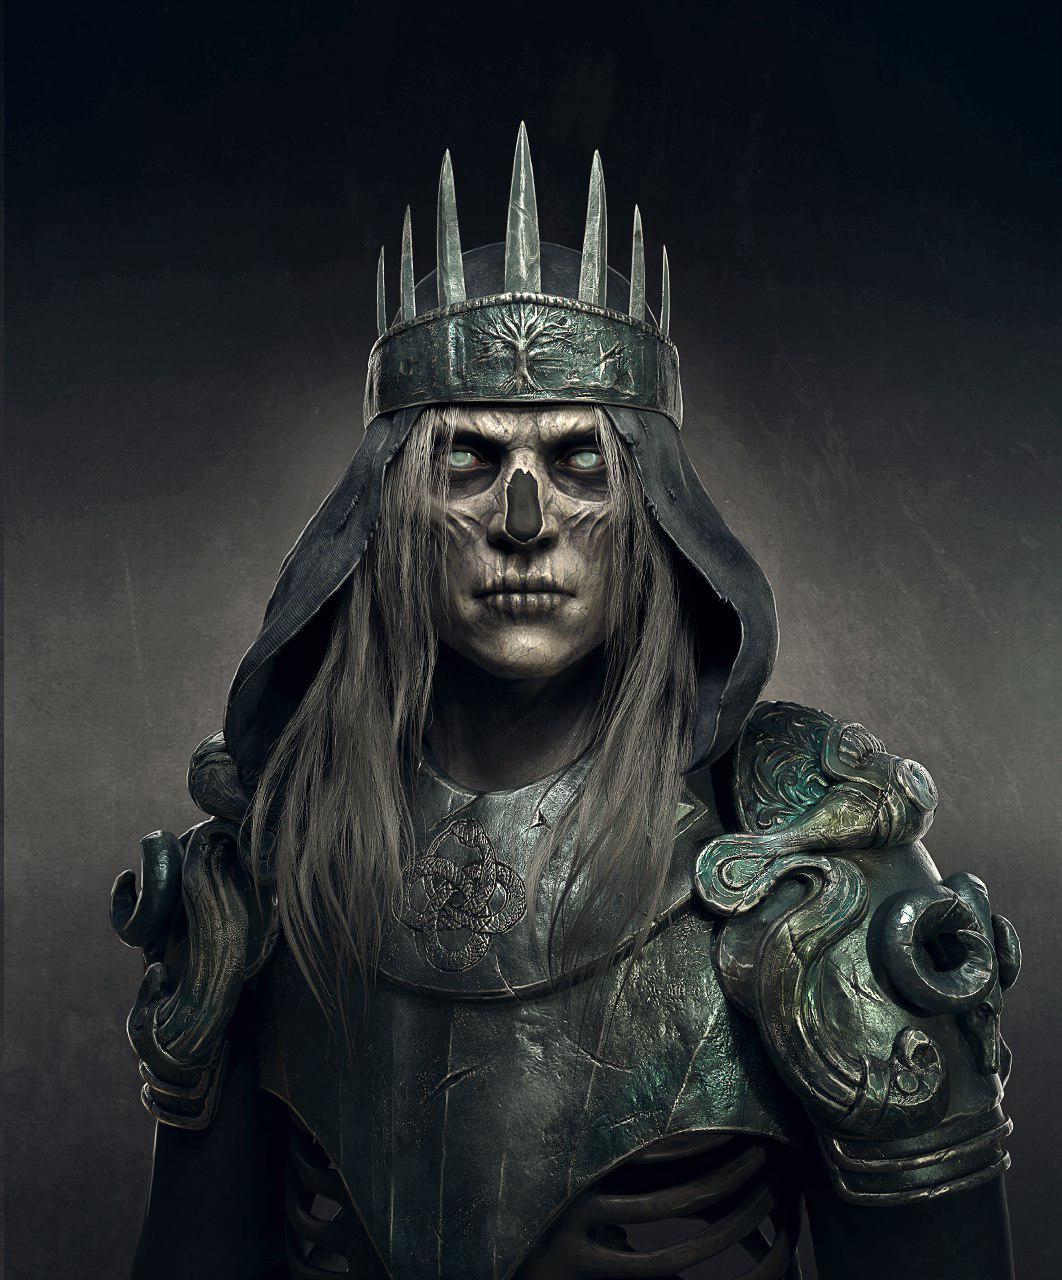 Tamarakao dead king 1 d93cc399 6cqt